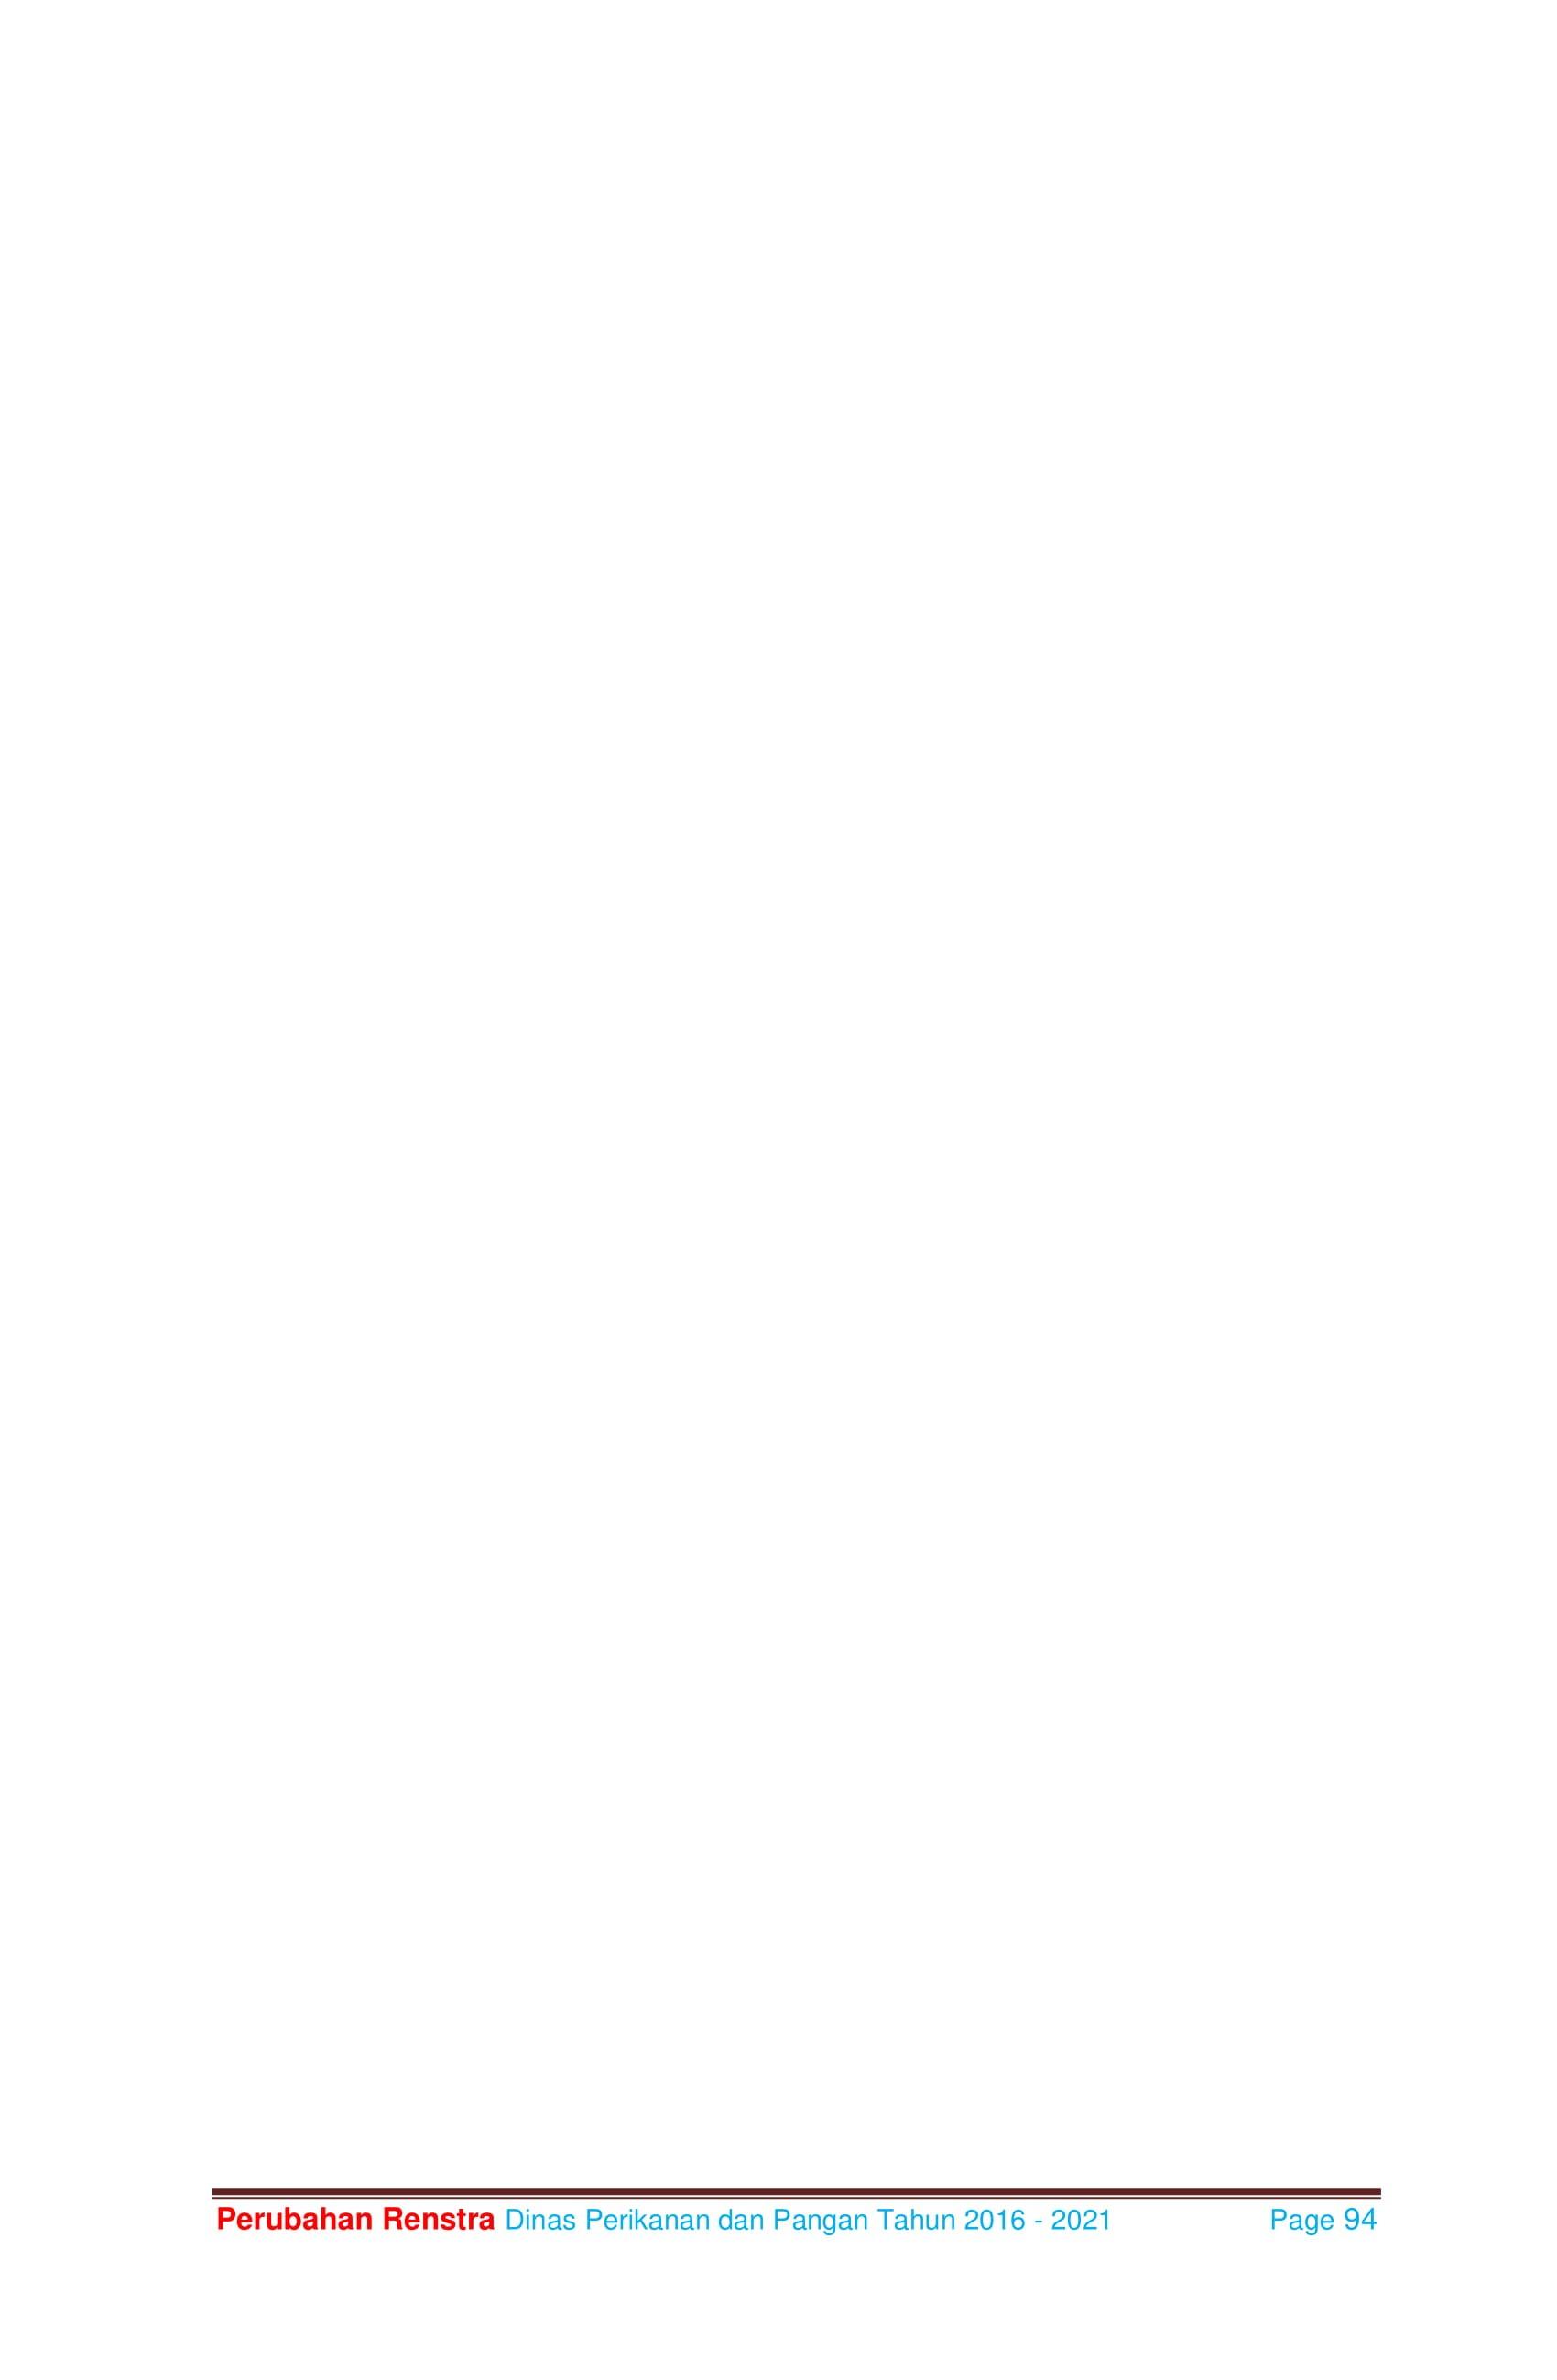 RENSTRA_DPP_2016-2021-108.jpg